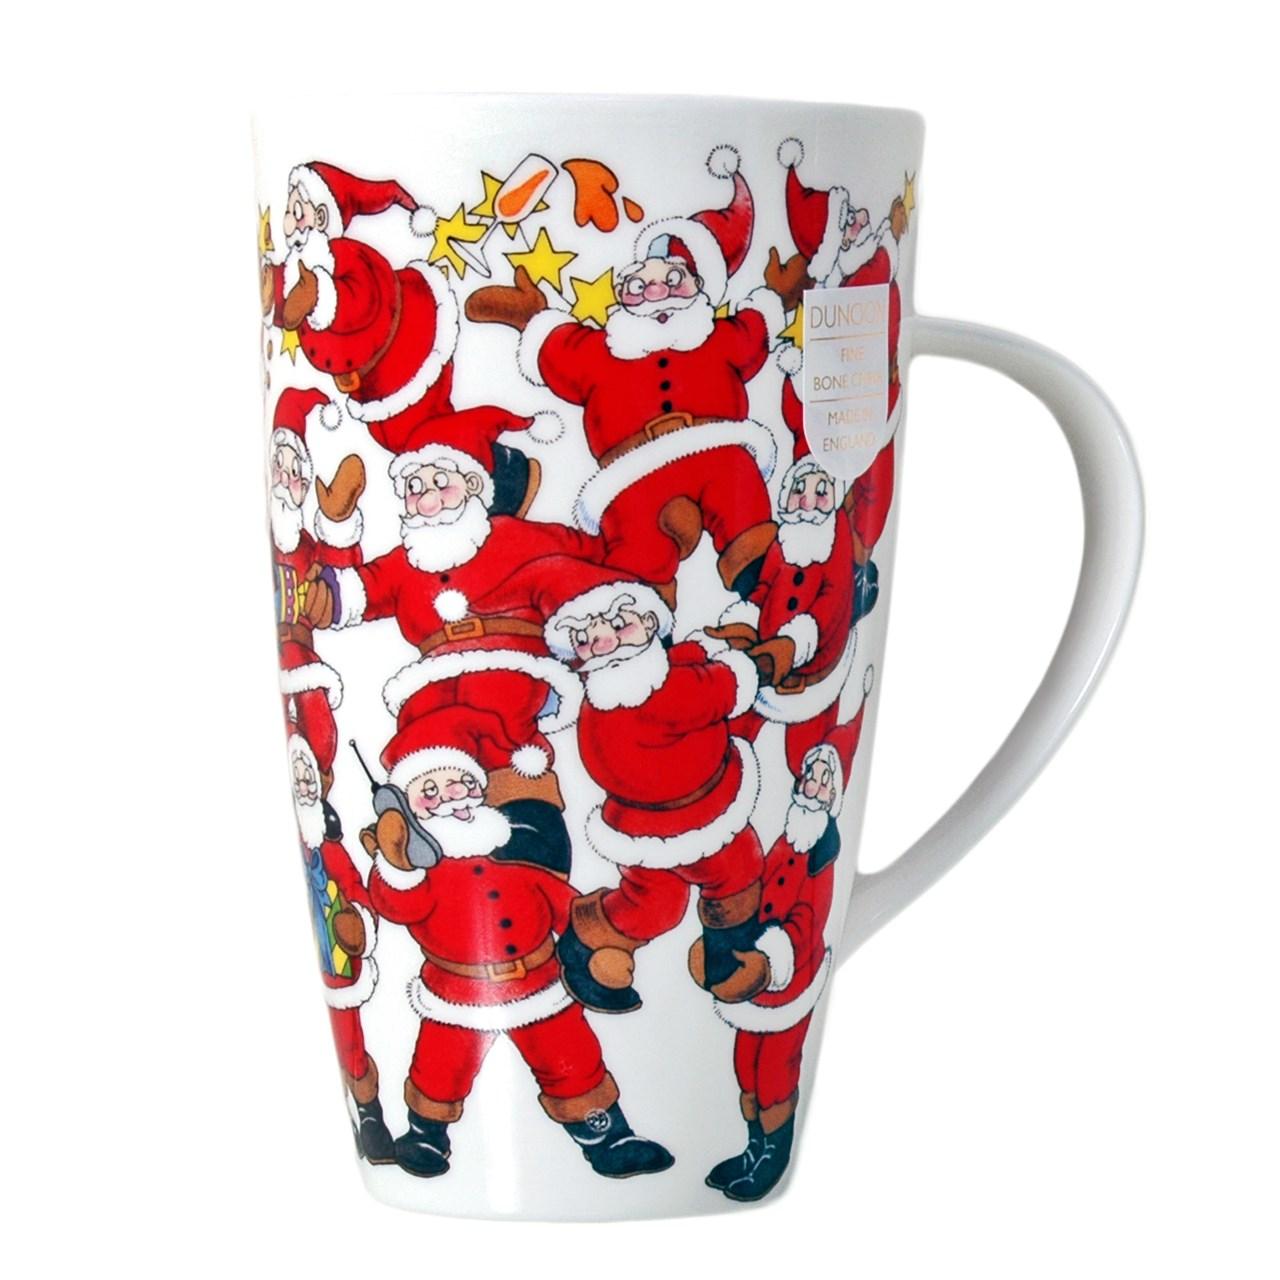 Tassen Dunoon Dunoon Weihnachten Dunoon Tassen Weihnachten rxeBoCd